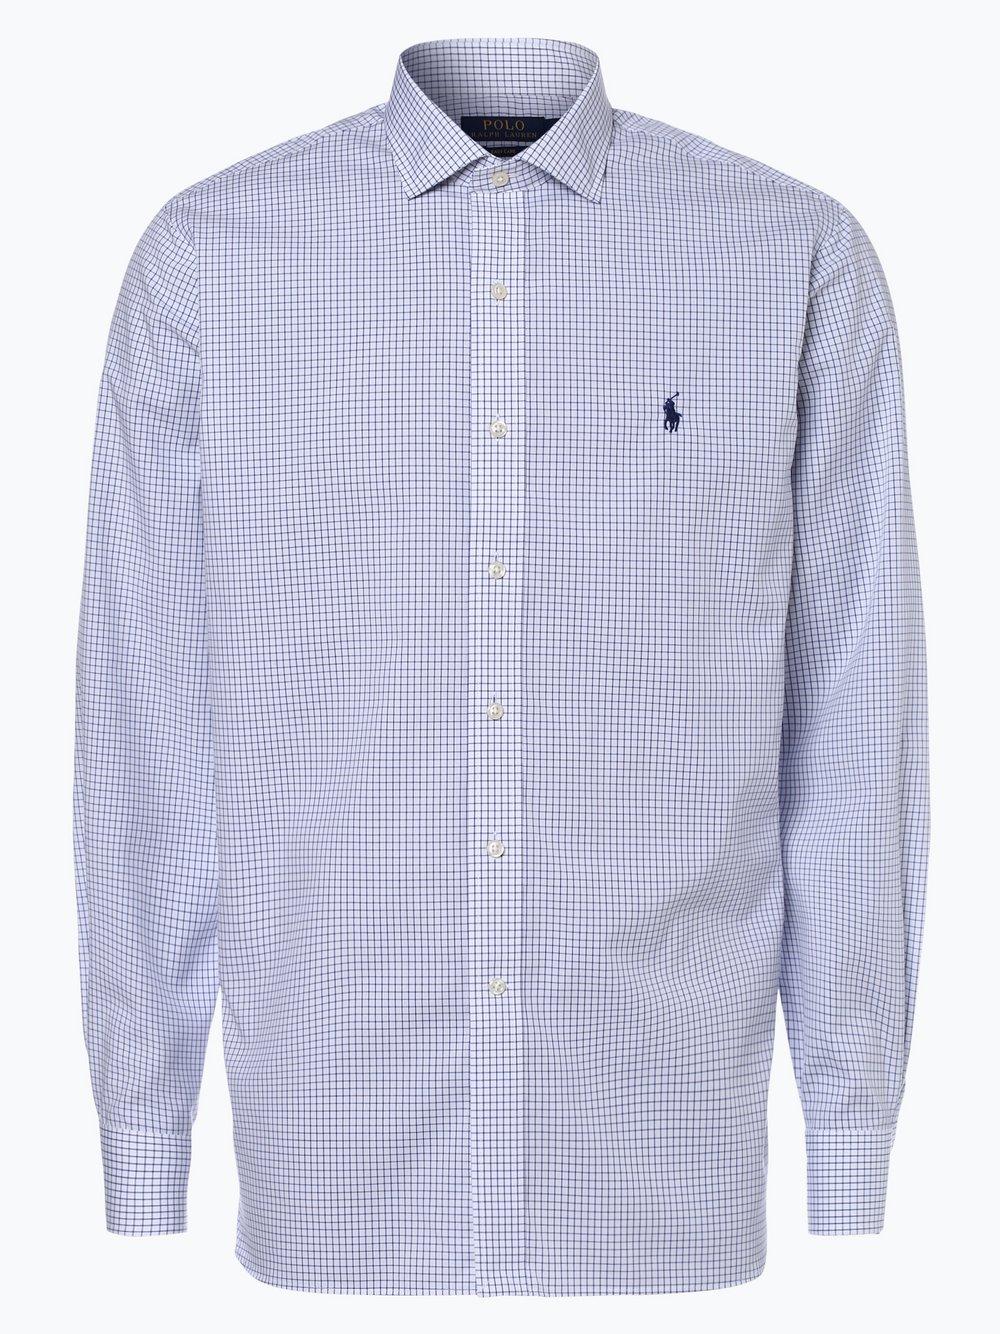 f53a0ea86a3a Polo Ralph Lauren Herren Hemd Comfort Fit Bügelleicht  2  online ...